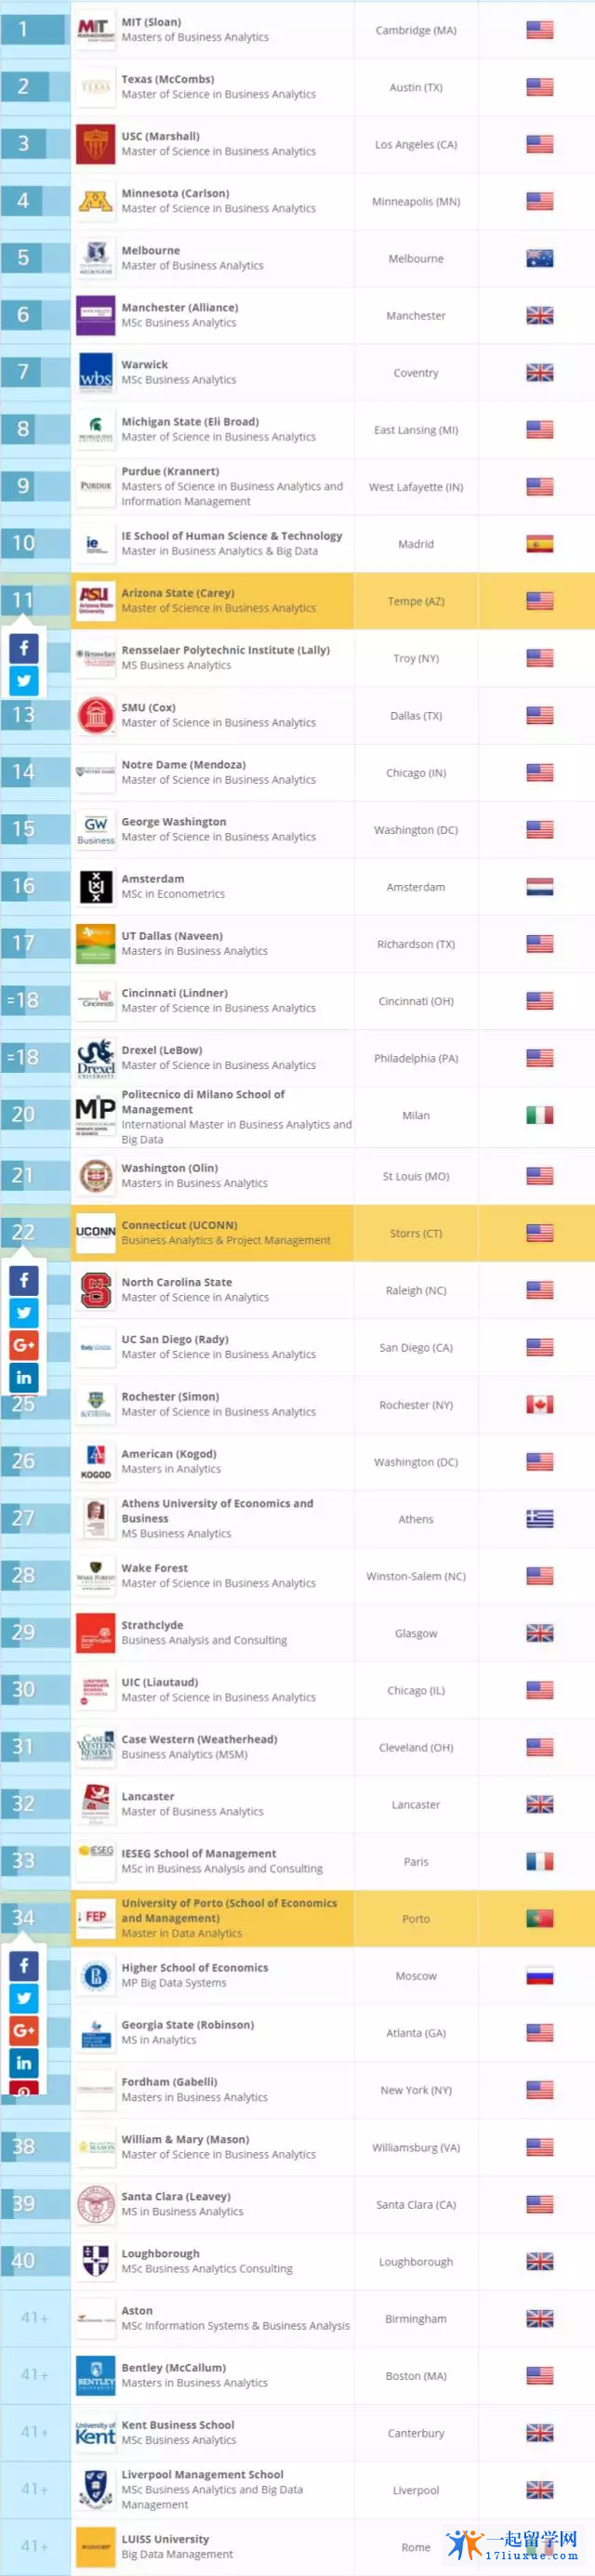 QS最新排名!全球最好的商学硕士,墨大牛逼!